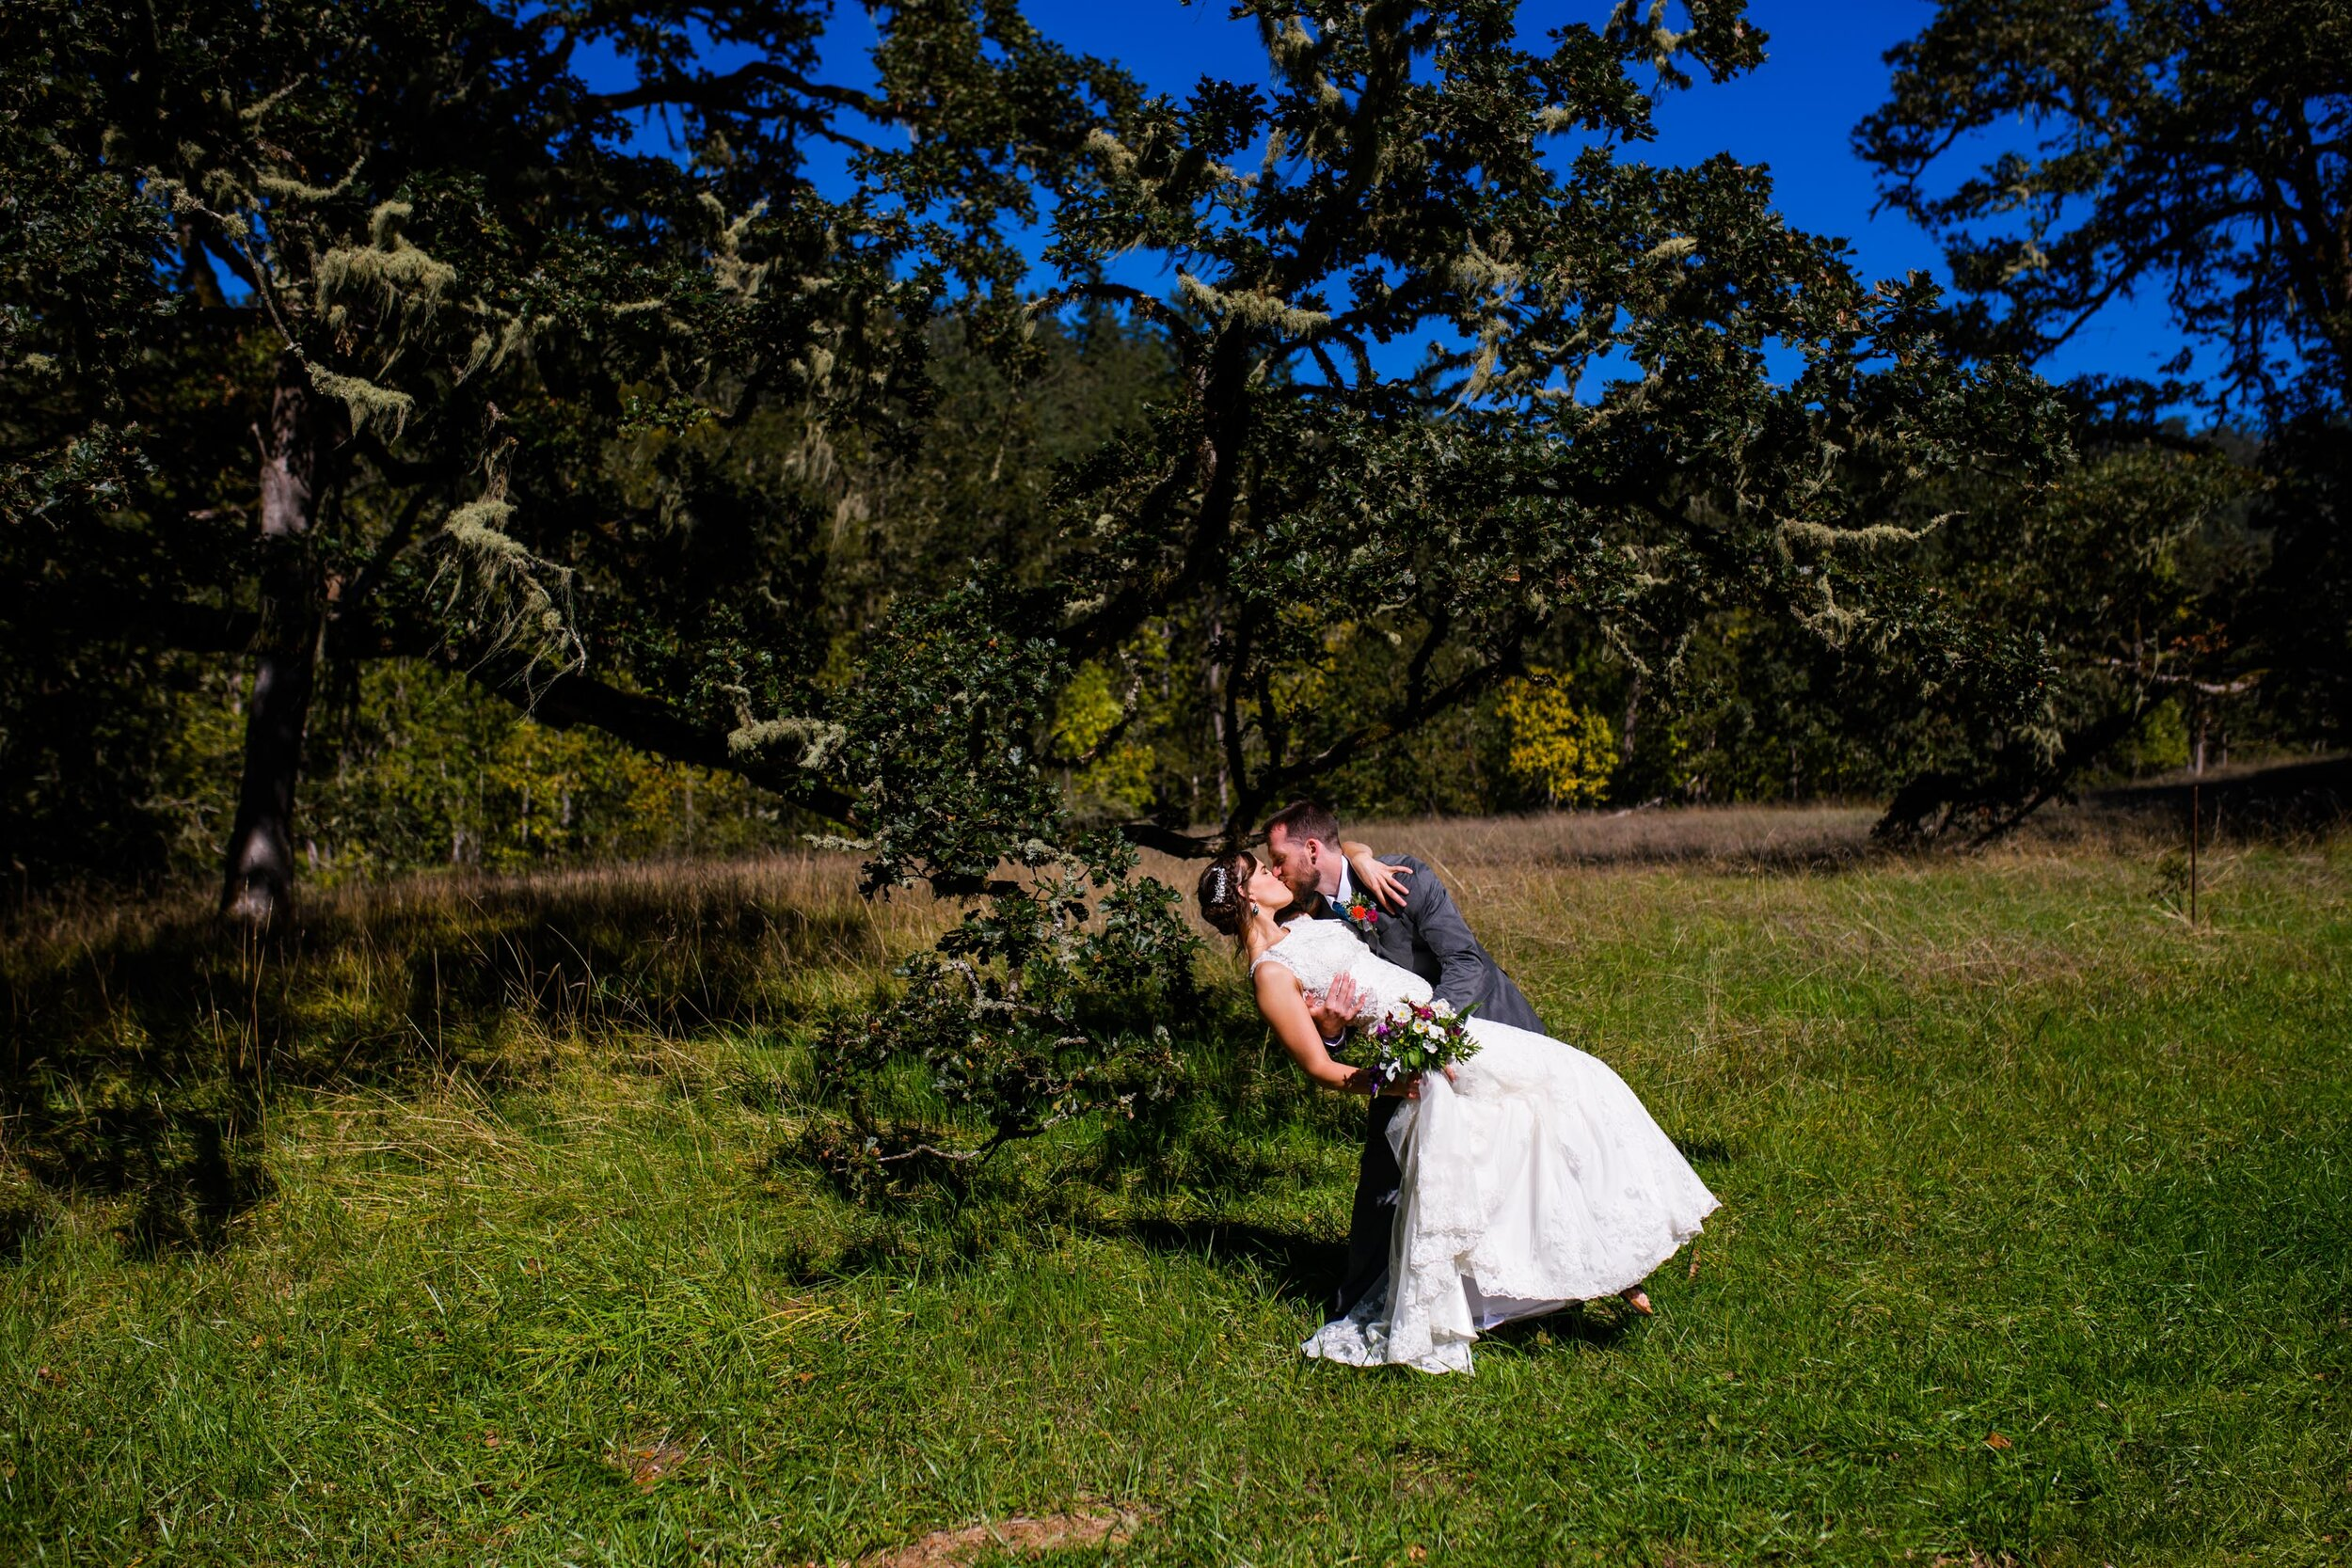 Mt. Pisgah Arboretum wedding photos 39.JPG